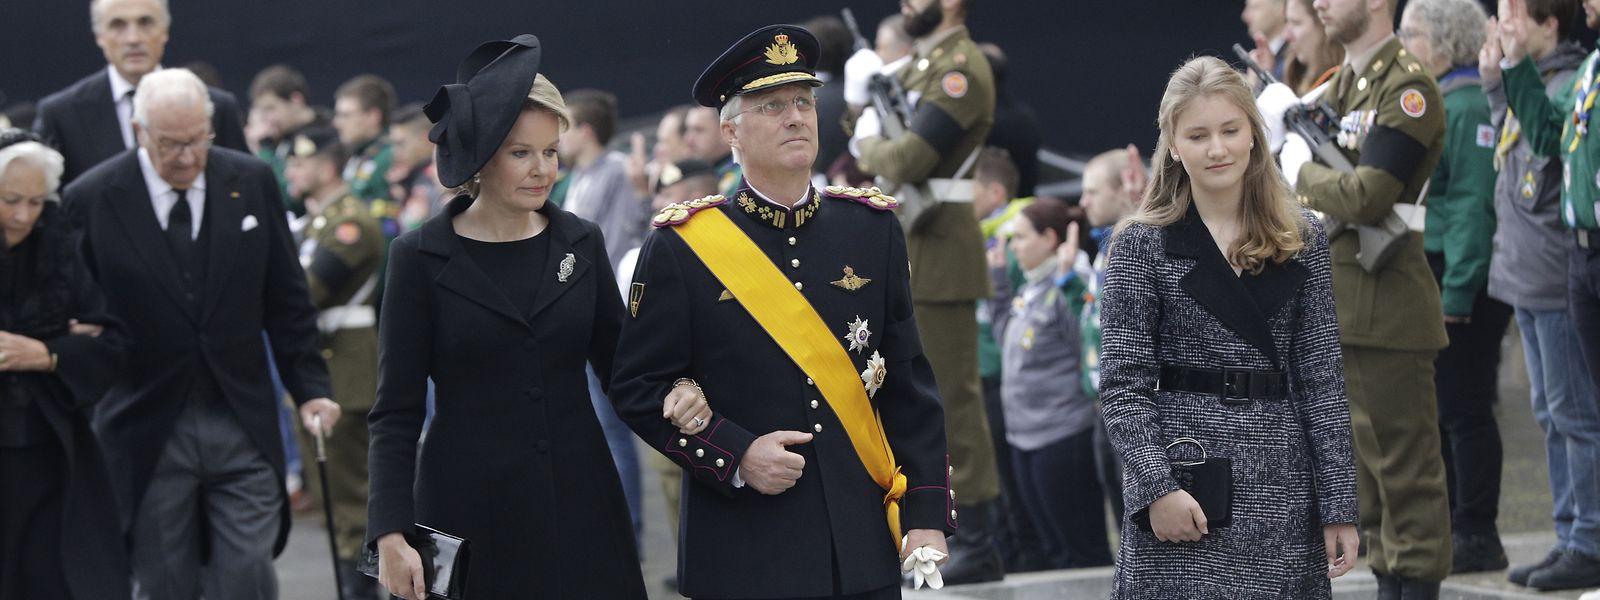 König Philippe von Belgien kam in Begleitung von Gattin Mathilde und Tochter Elisabeth.